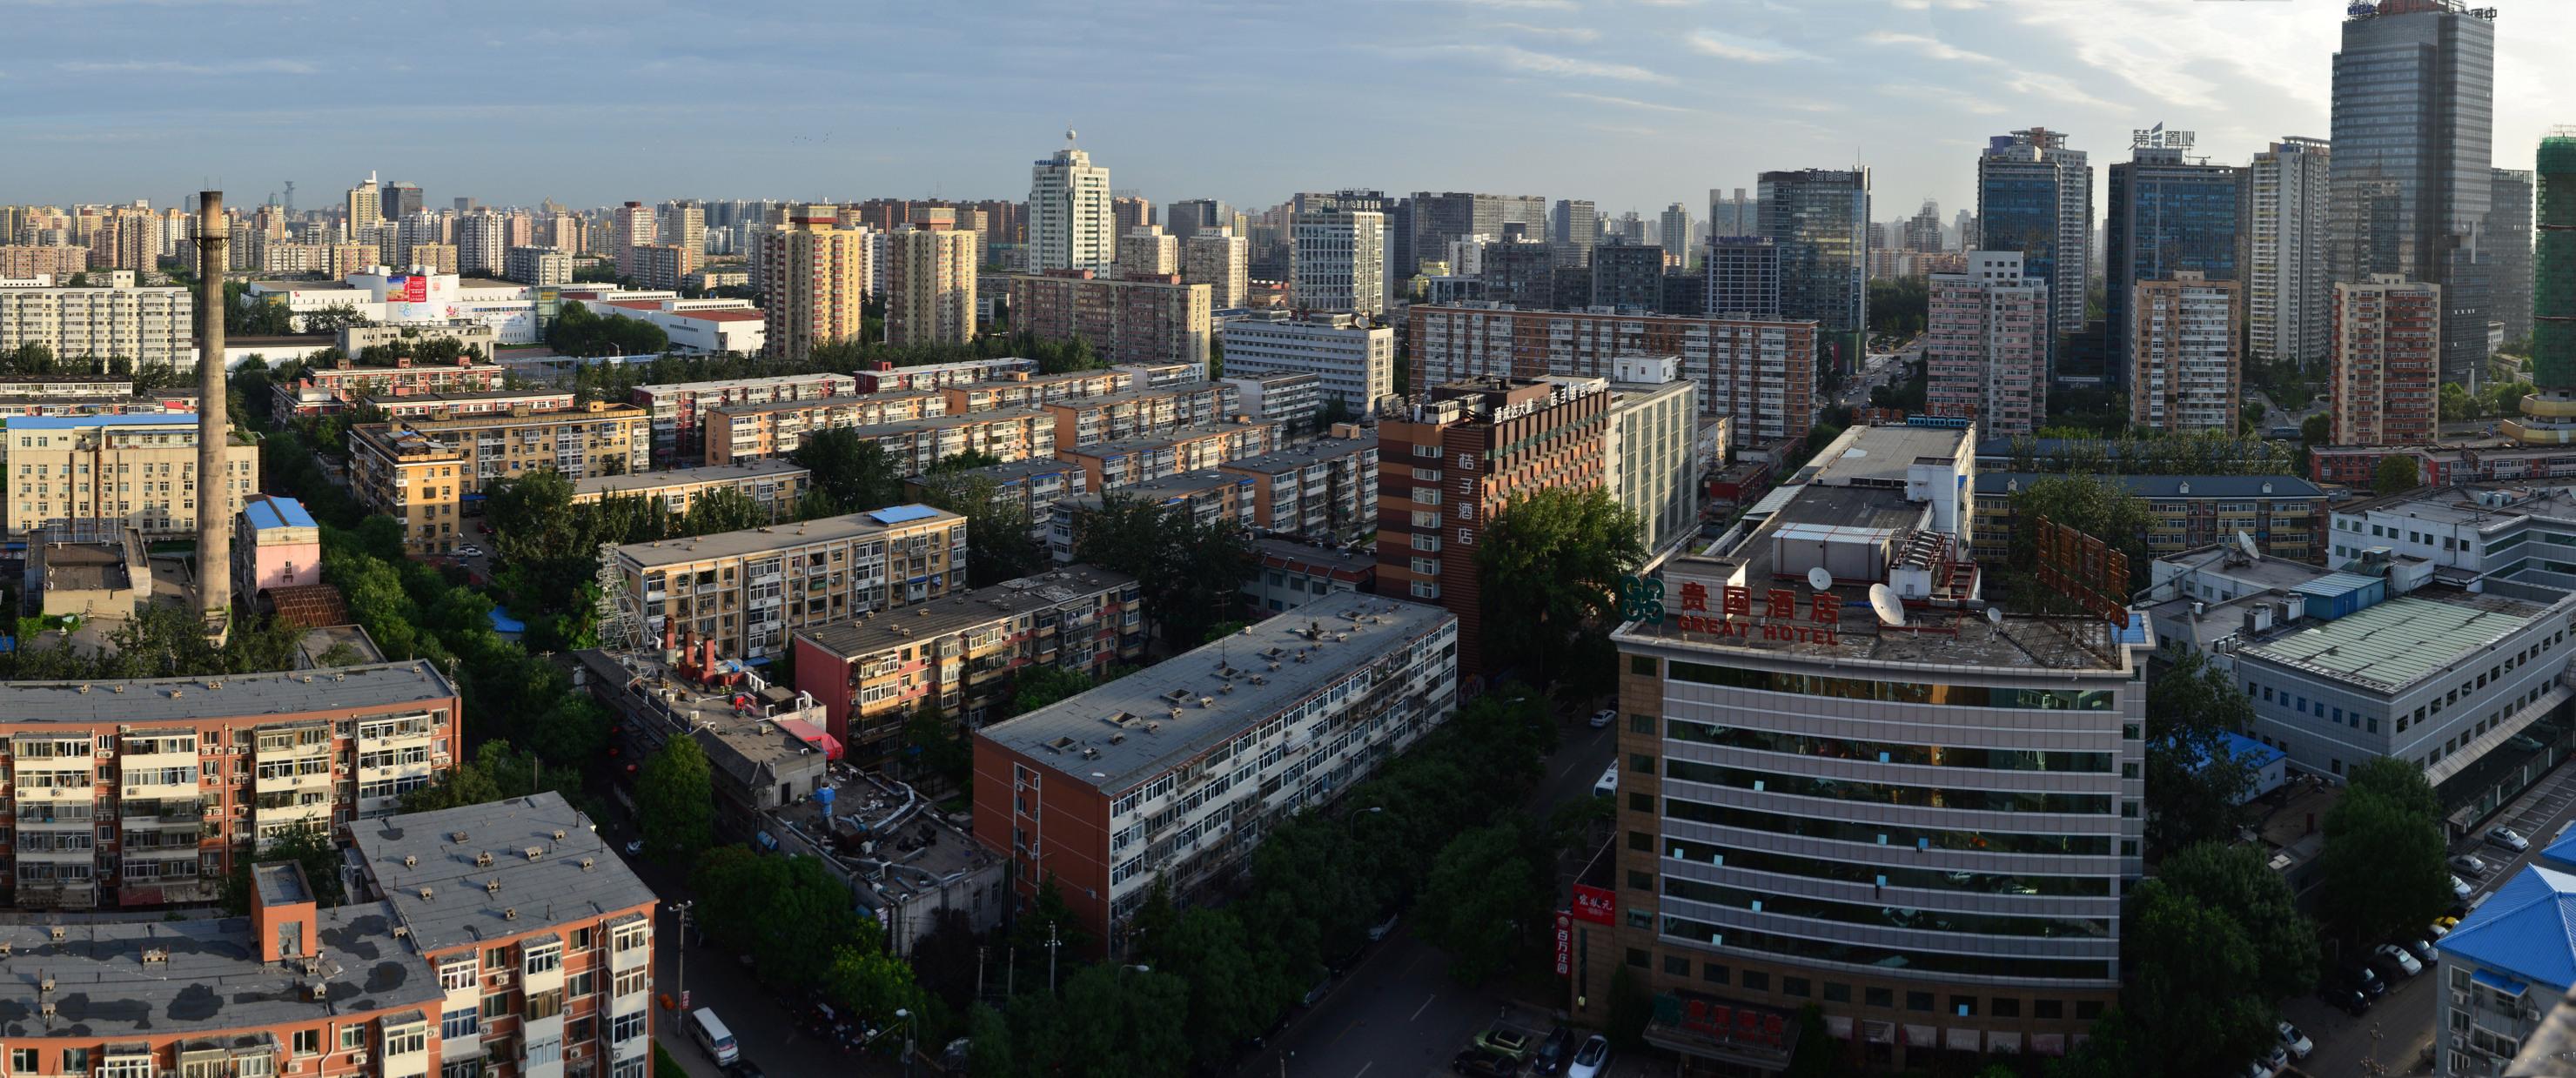 Pano Beijing east